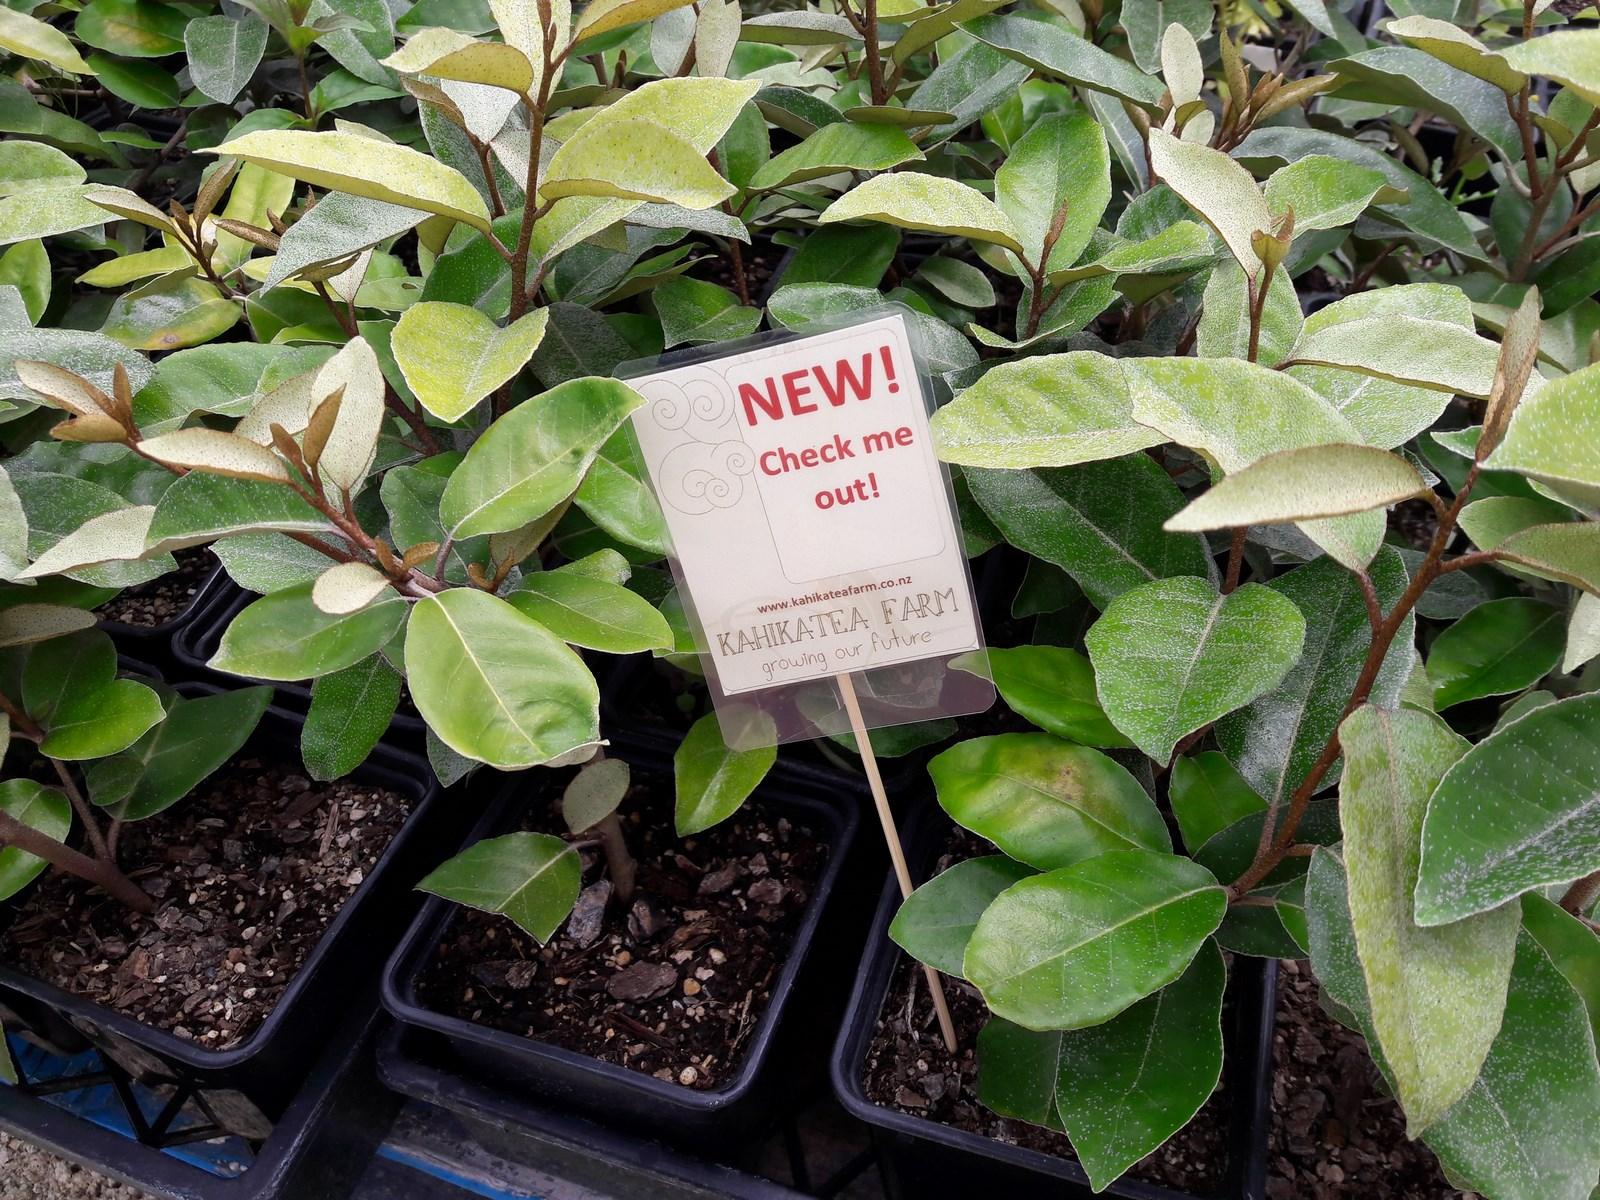 kahikatea-farm-nursery-silverberry